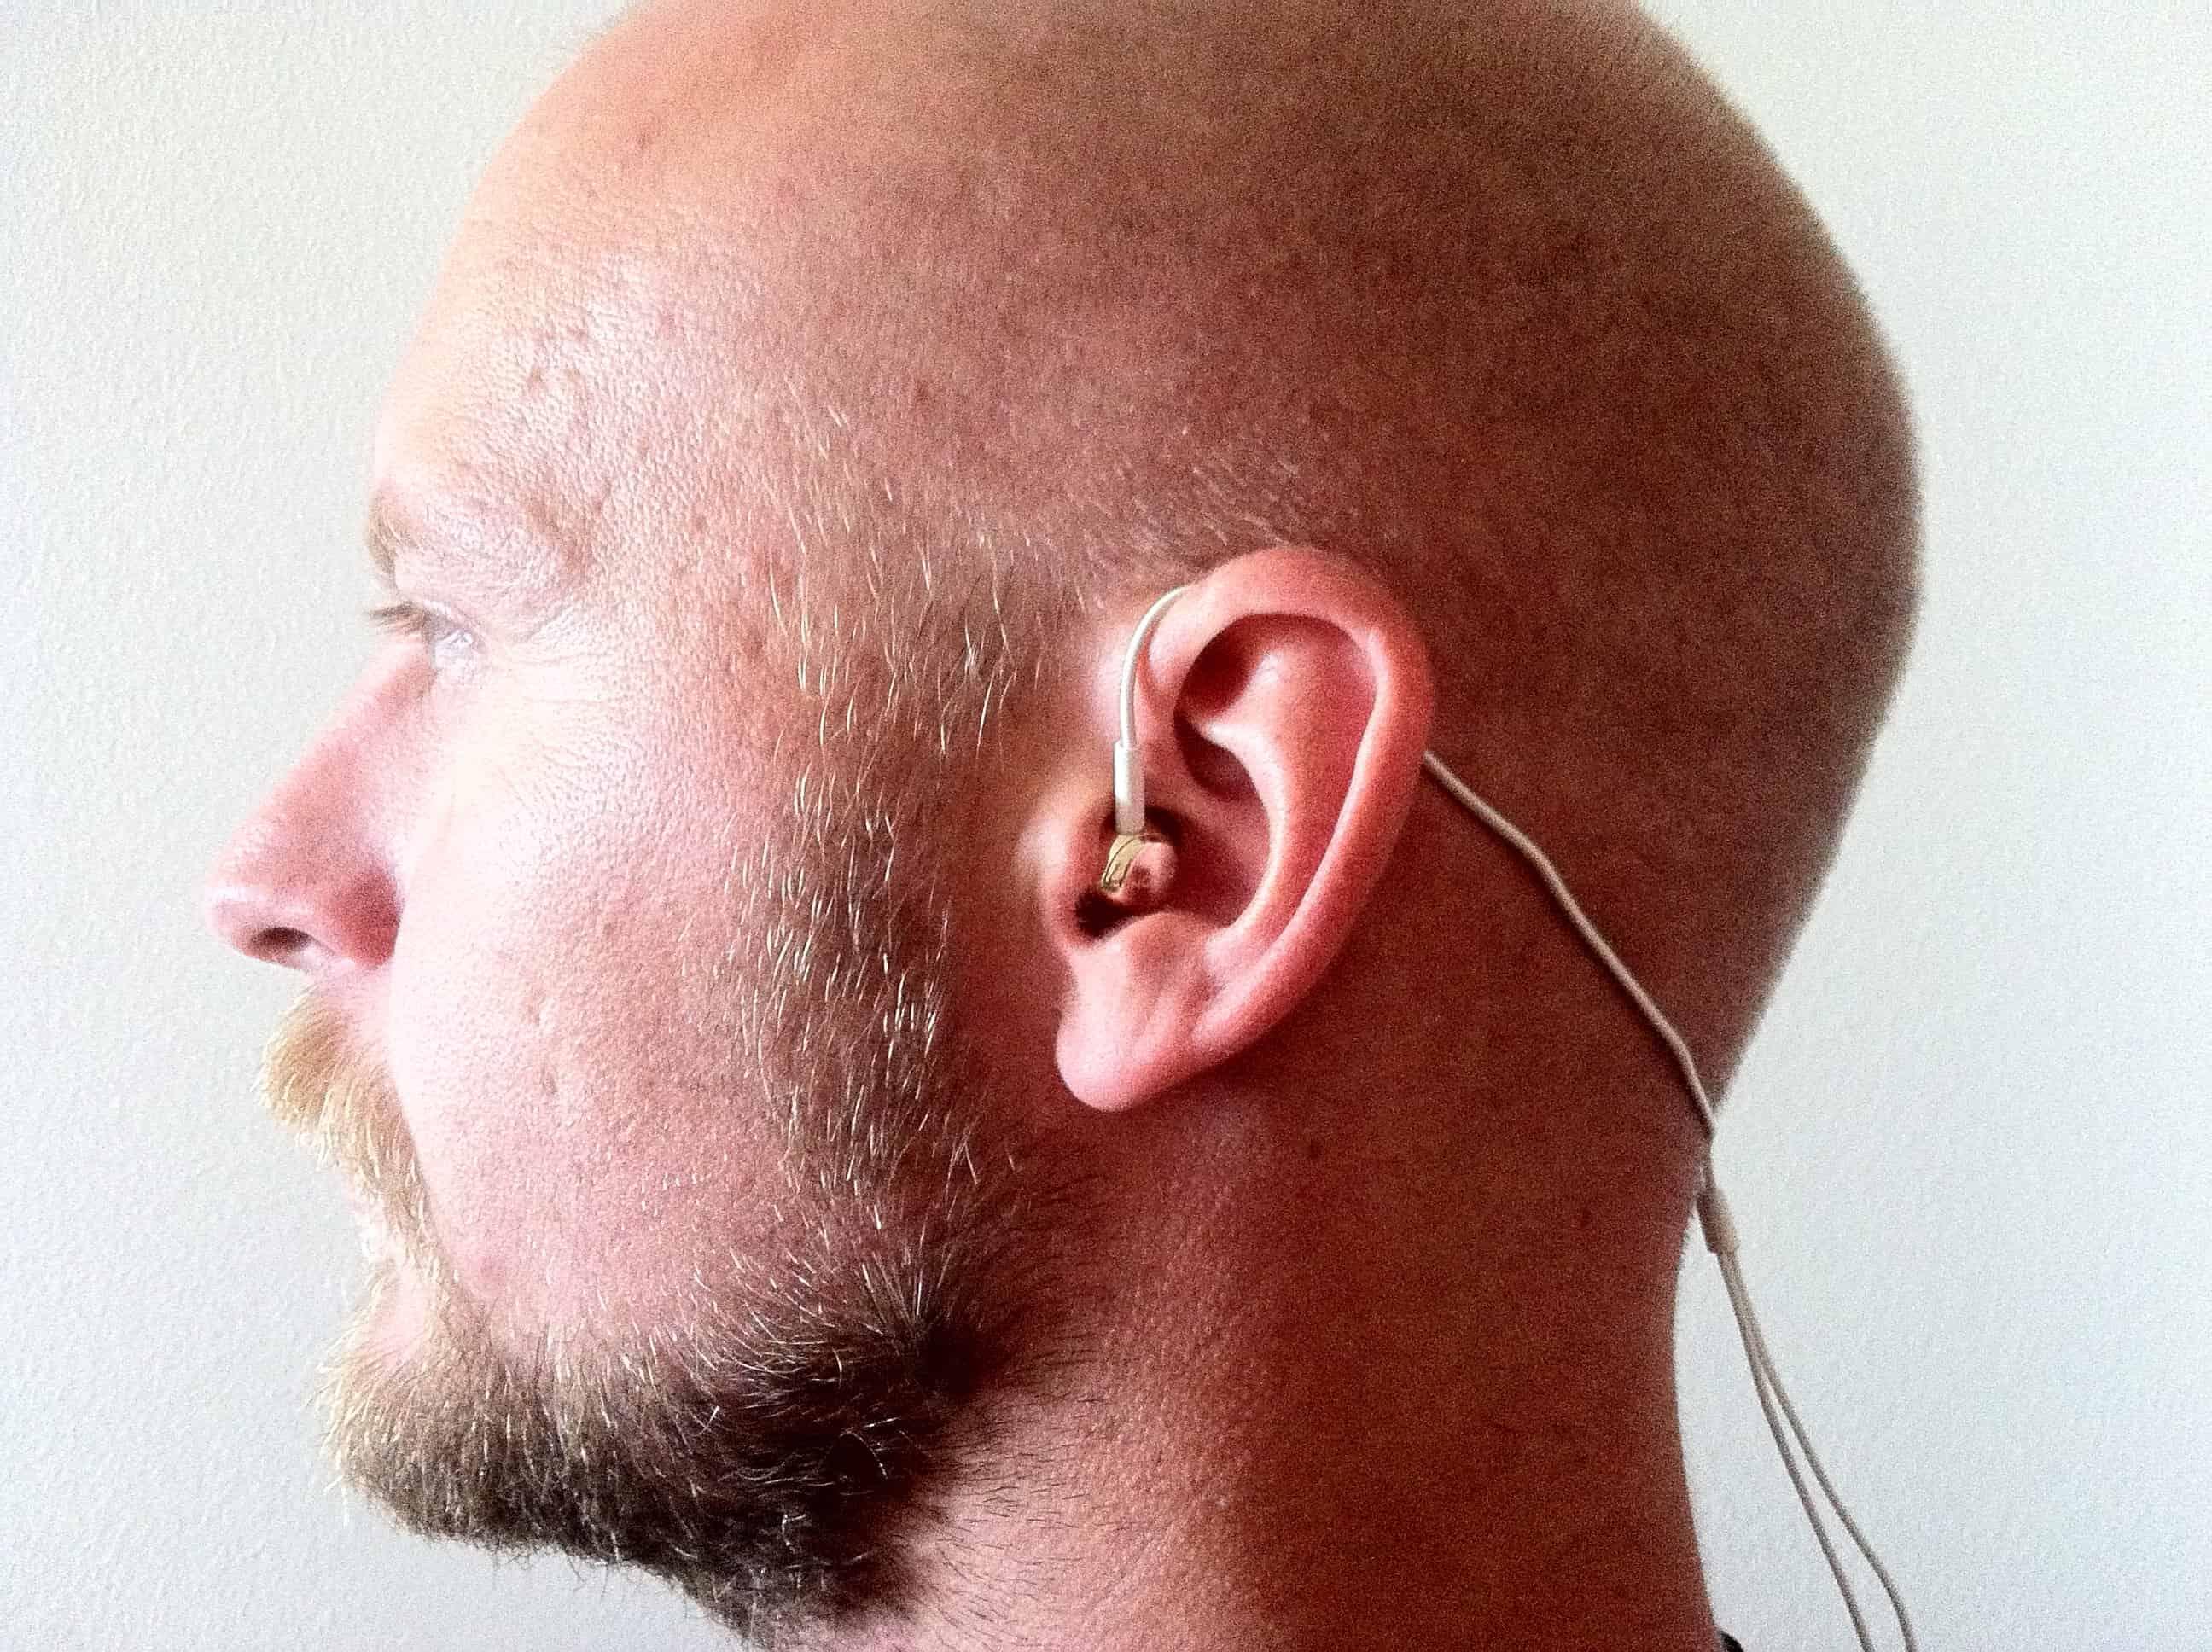 Min personlige favorit. Kablet bag nakken. Høretelefonen sidder bedre og kablet er ikke i vejen. Bemærk at den omløber der er på kablet kan bruges til at stramme til bag nakken for at sikre det perfekte fit.